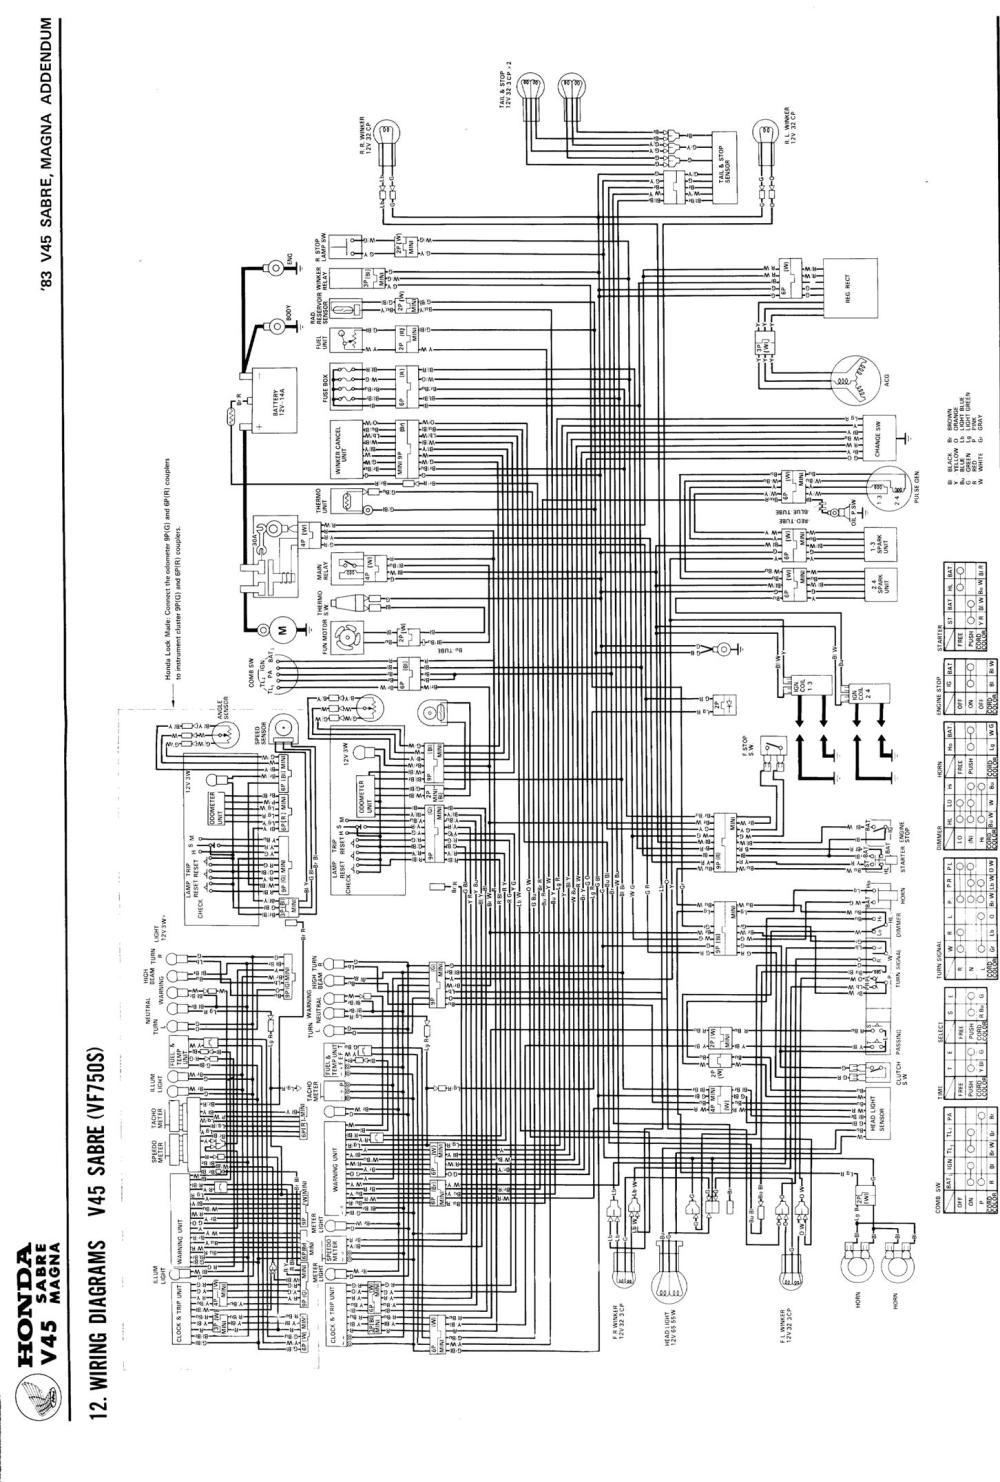 medium resolution of honda sabre wiring diagram wiring diagram and schematics honda v65 sabre wiring diagram honda vf 750